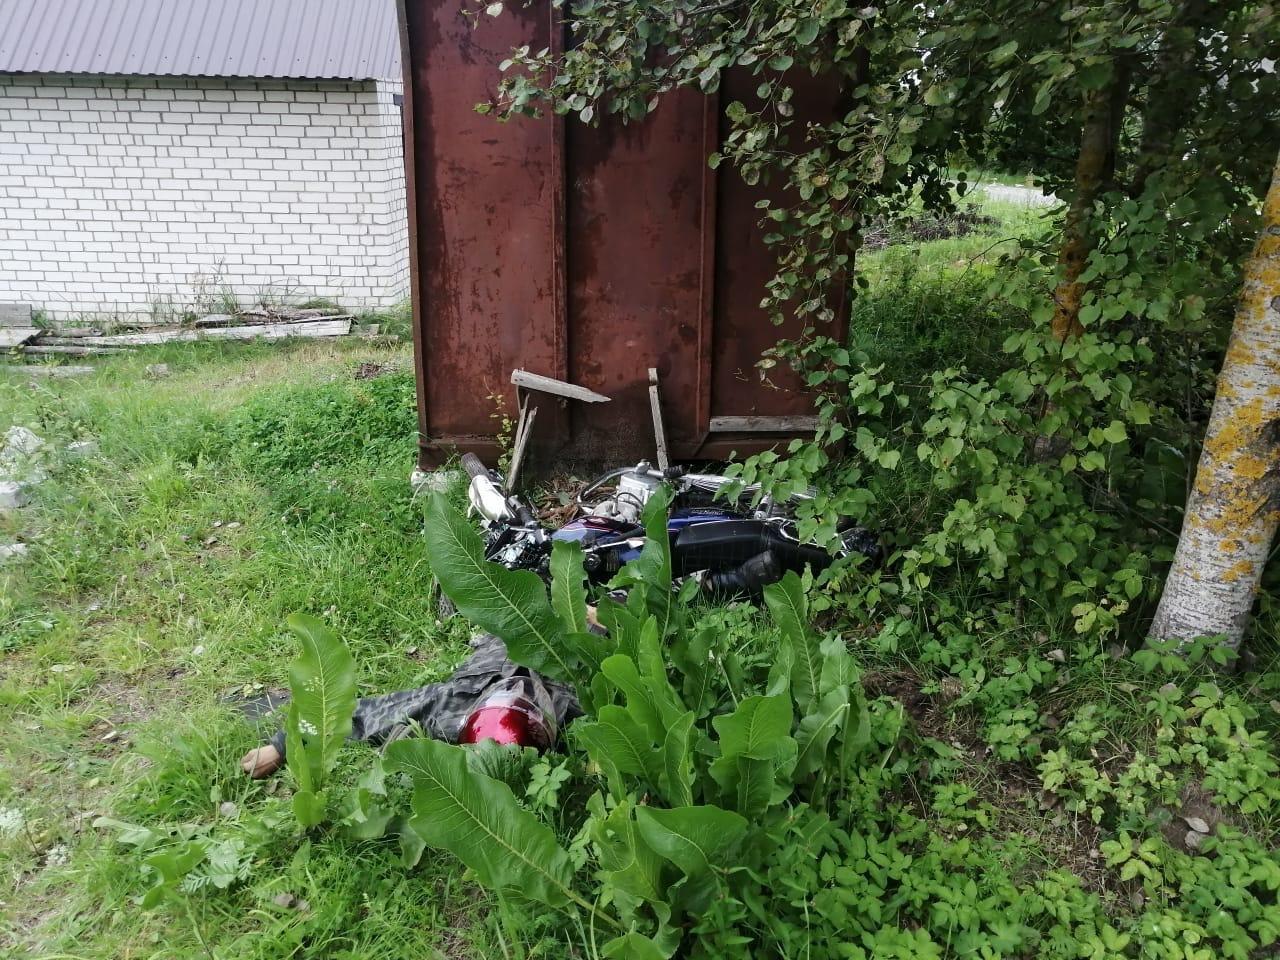 Водитель мотоцикла погиб, врезавшись в металлический контейнер под Тверью - новости Афанасий